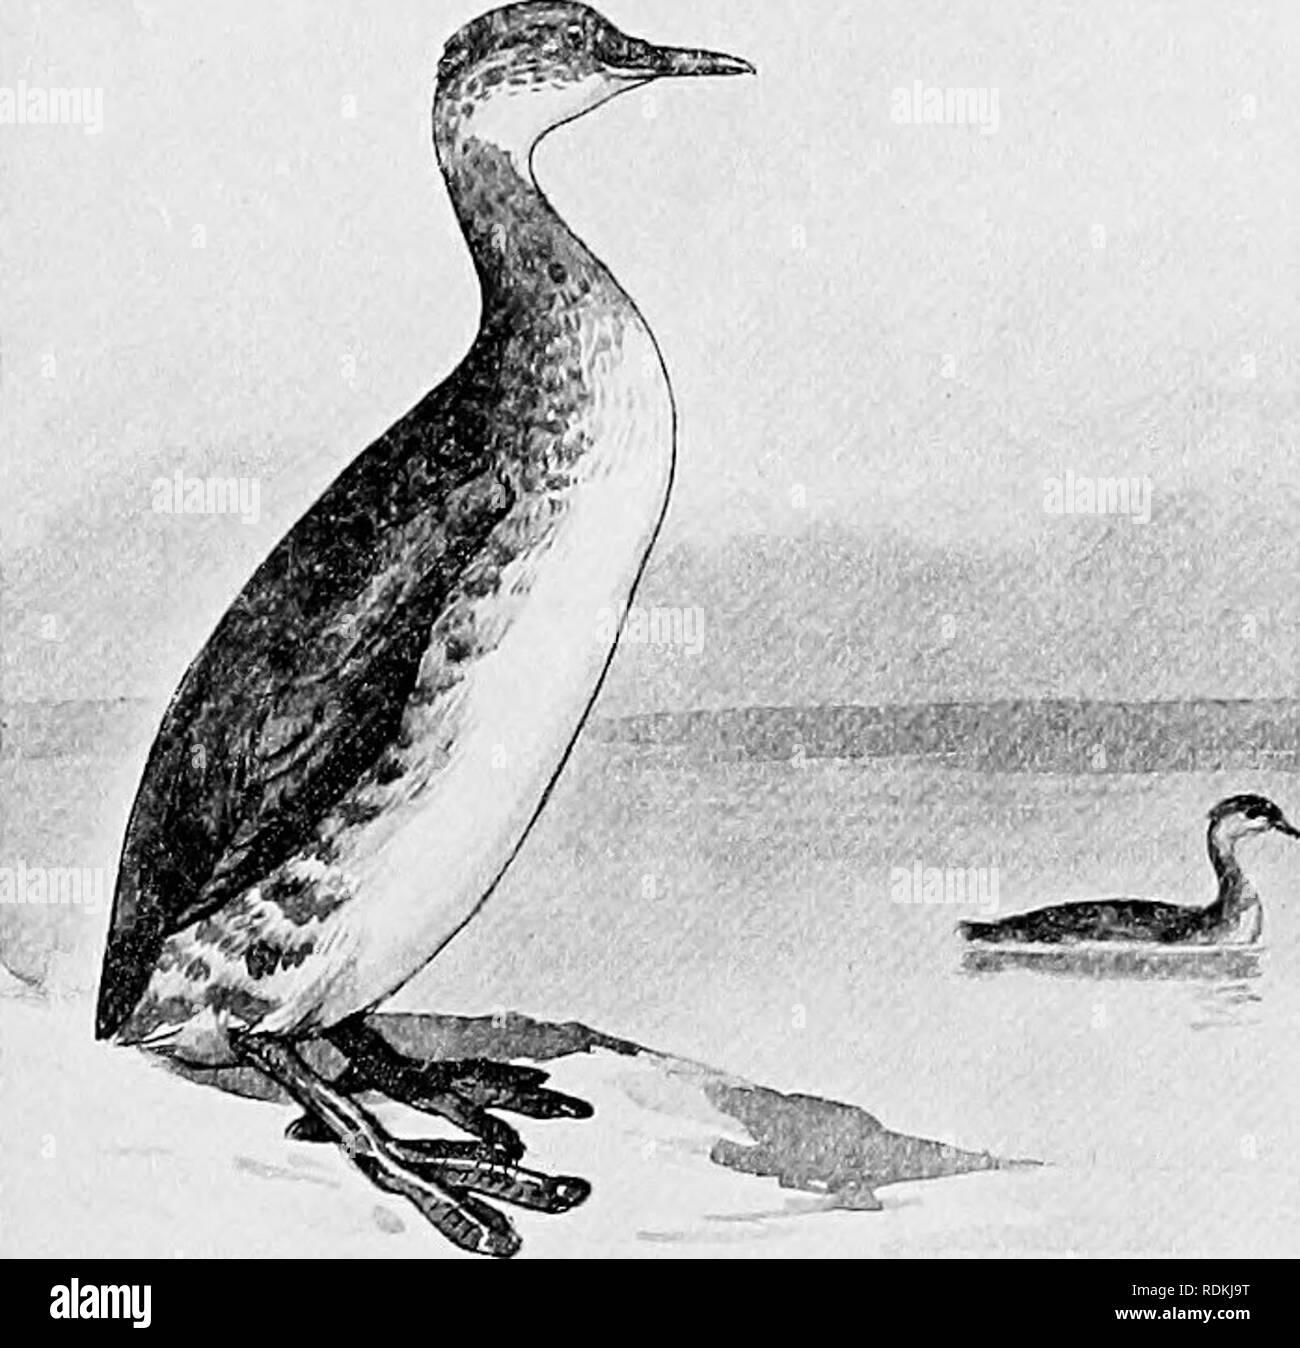 . Die Vögel von Illinois und Wisconsin. Vögel, Vögel. Die Vögel von Illinois und Wisconsin. Wasservögel, um PYGOPODES. Tauchen Vögel. Unterordnung COLYMBI. Familie COLYMBIDiE. Haubentaucher.. Bitte beachten Sie, dass diese Bilder sind von der gescannten Seite Bilder, die digital für die Lesbarkeit verbessert haben mögen - Färbung und Aussehen dieser Abbildungen können nicht perfekt dem Original ähneln. extrahiert. Cory, Charles B. (Charles Barney), 1857-1921. Chicago Stockfoto